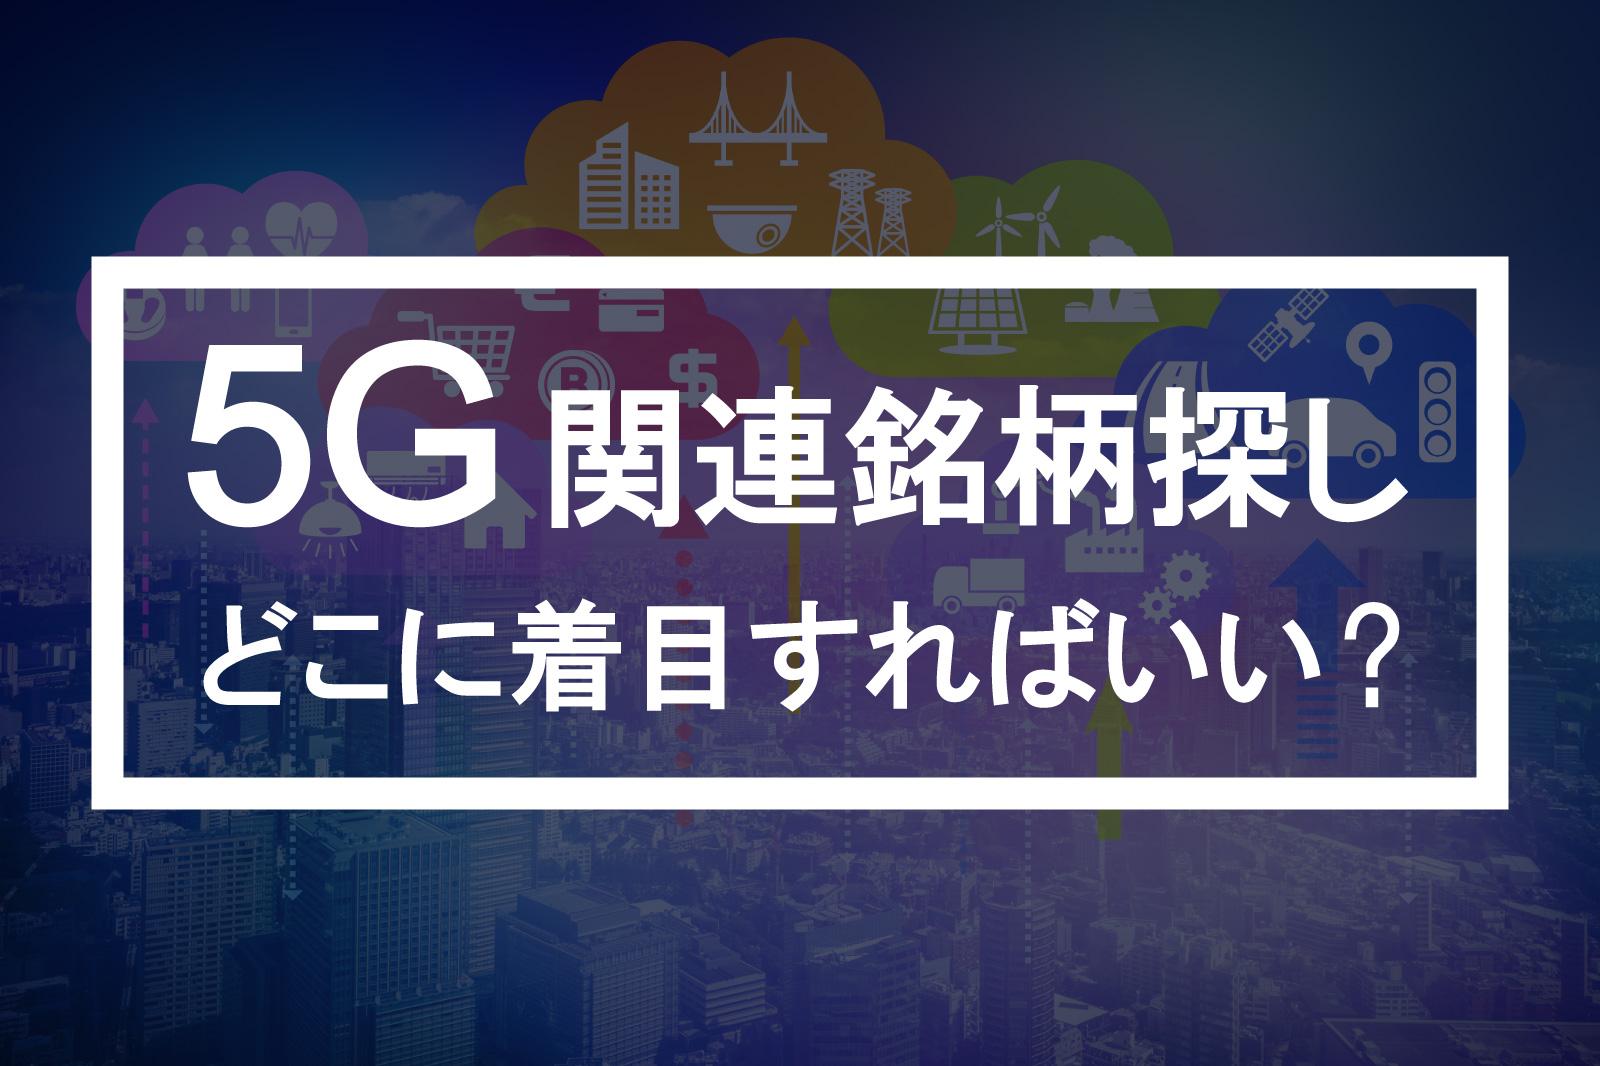 【5G関連テーマ】の注目銘柄は?本命はインフラと半導体どっち?!